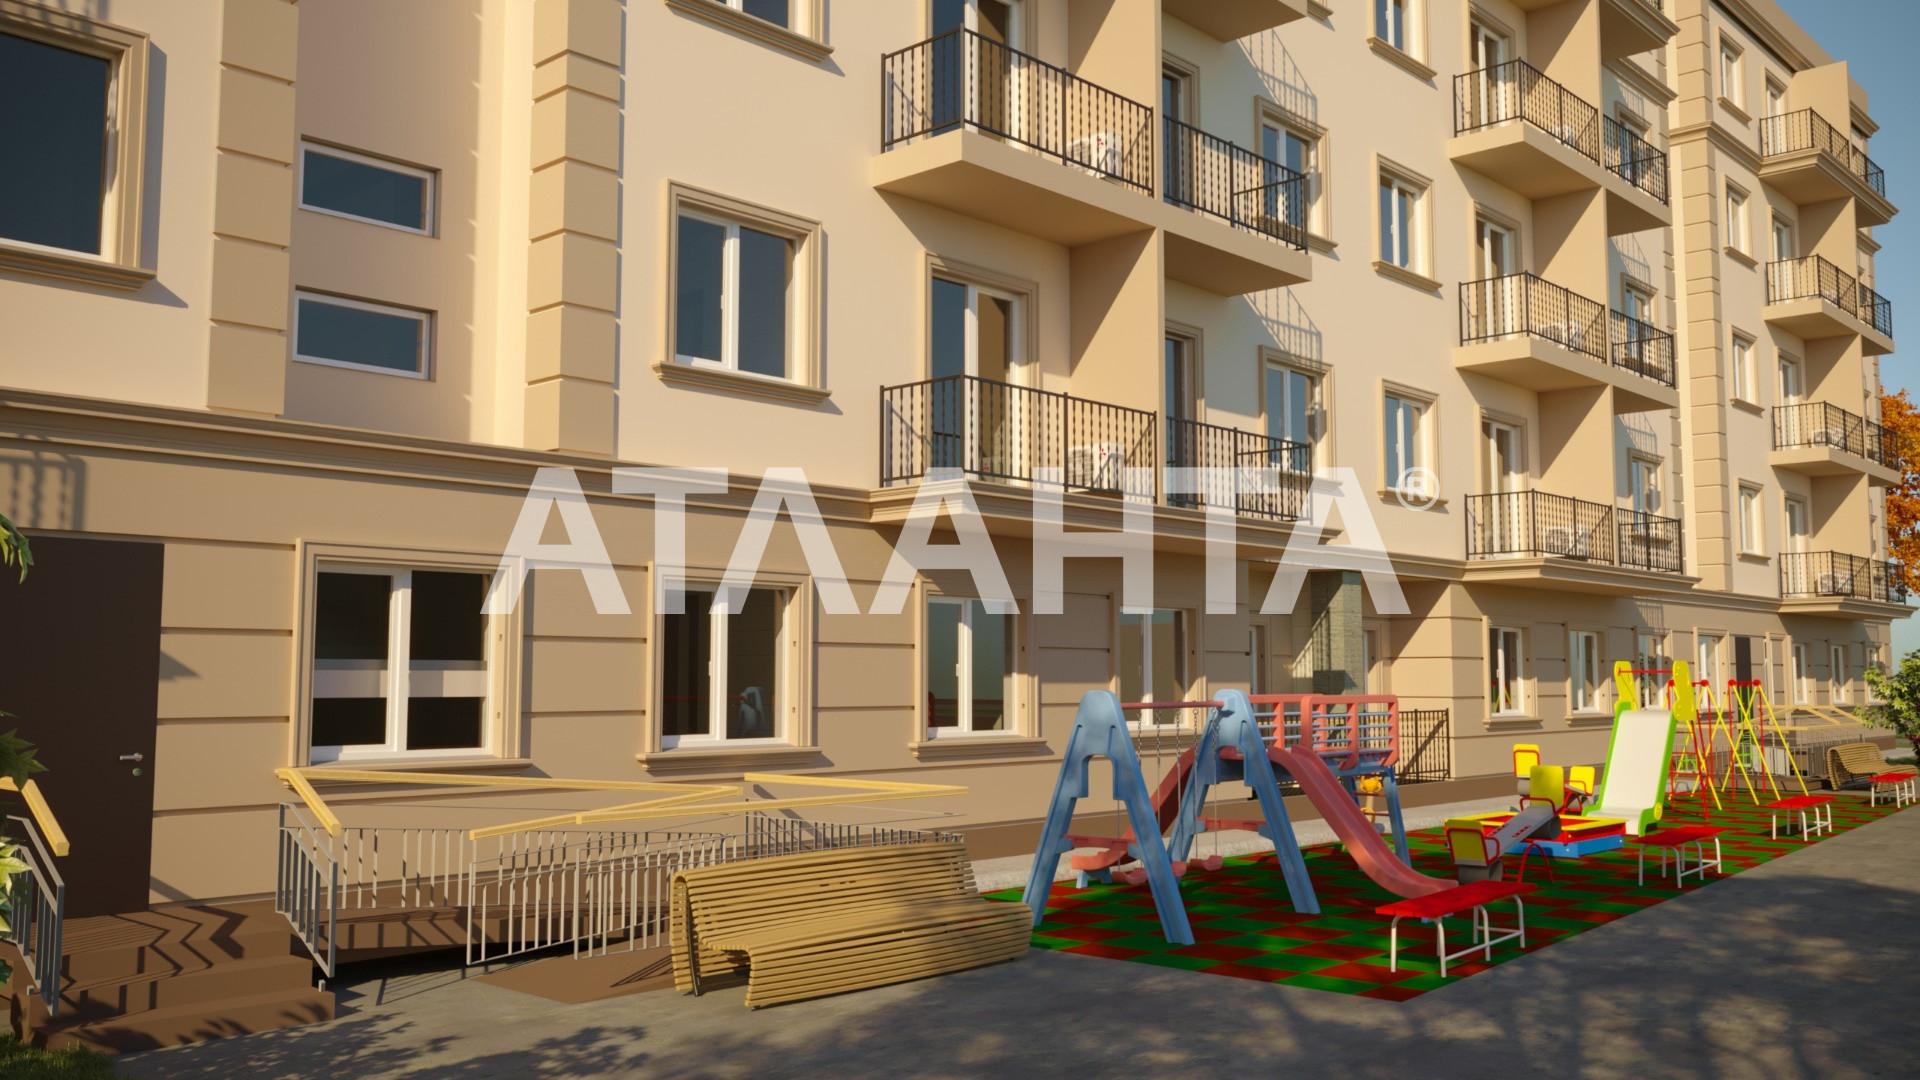 Продается 2-комнатная Квартира на ул. Люстдорфская Дор. (Черноморская Дор.) — 29 088 у.е.